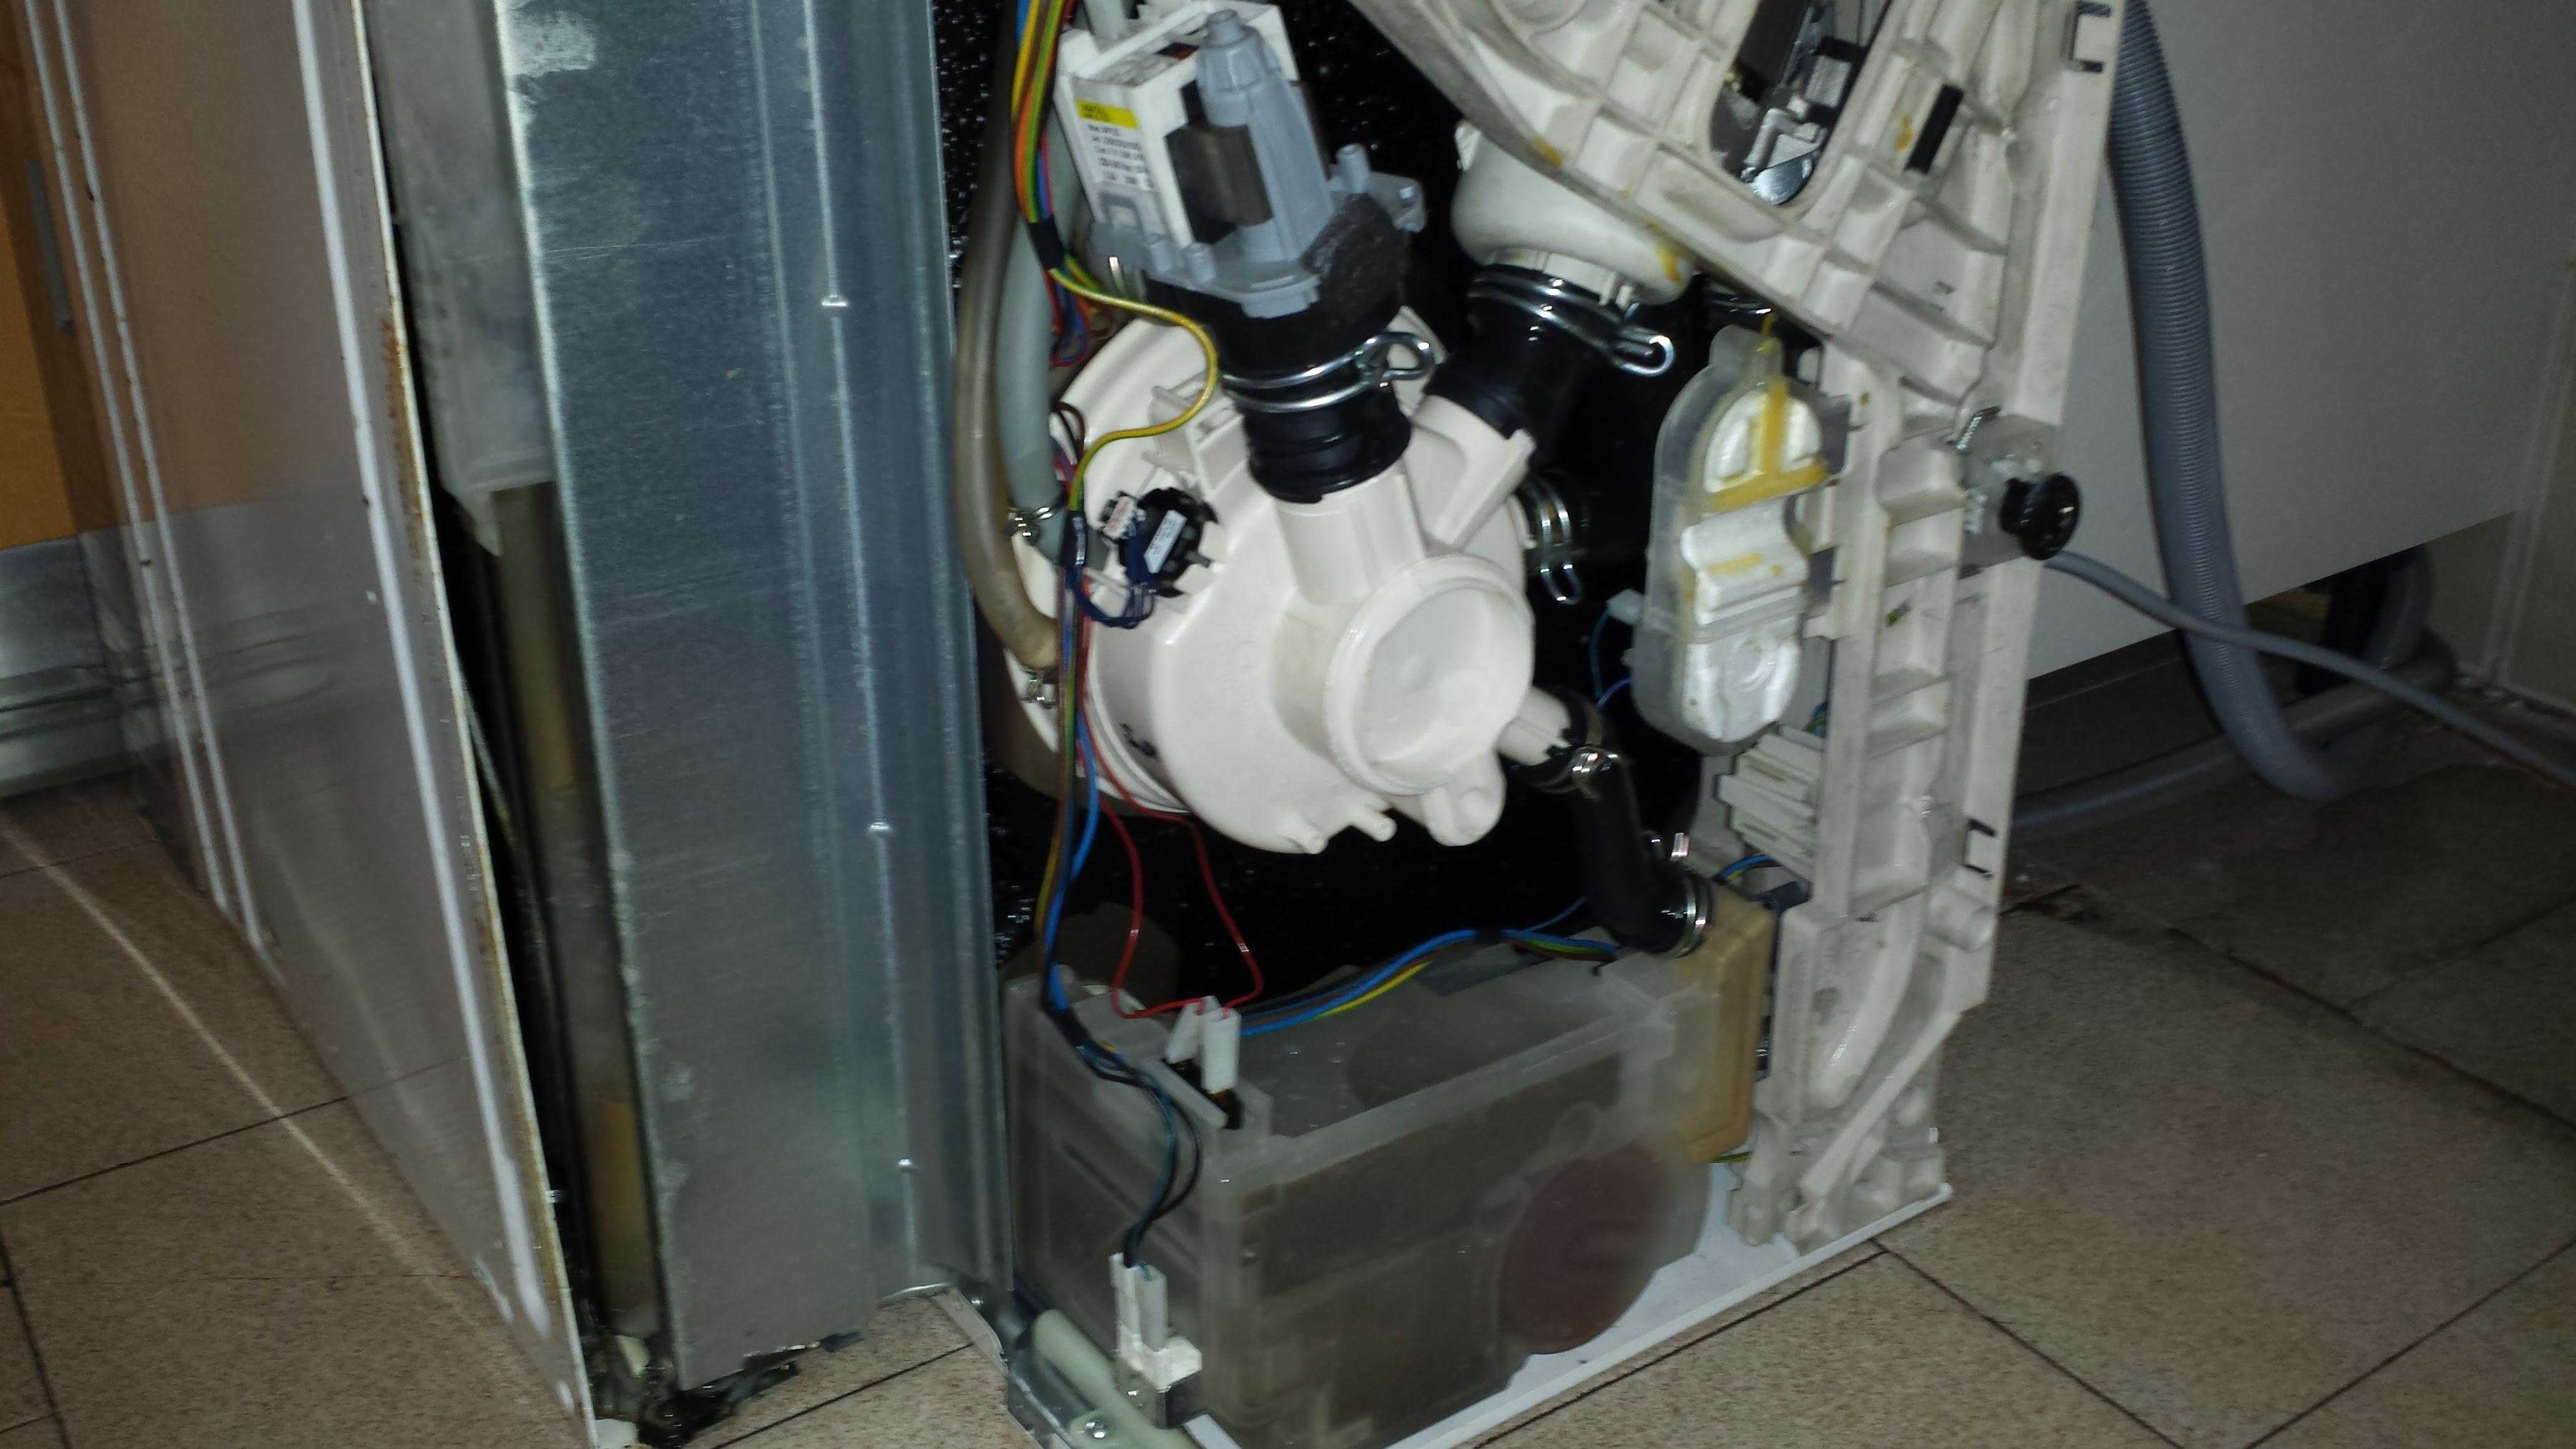 Sostituzione galleggiante lavastoviglie rex tt08e +Assistenza Rex a ...